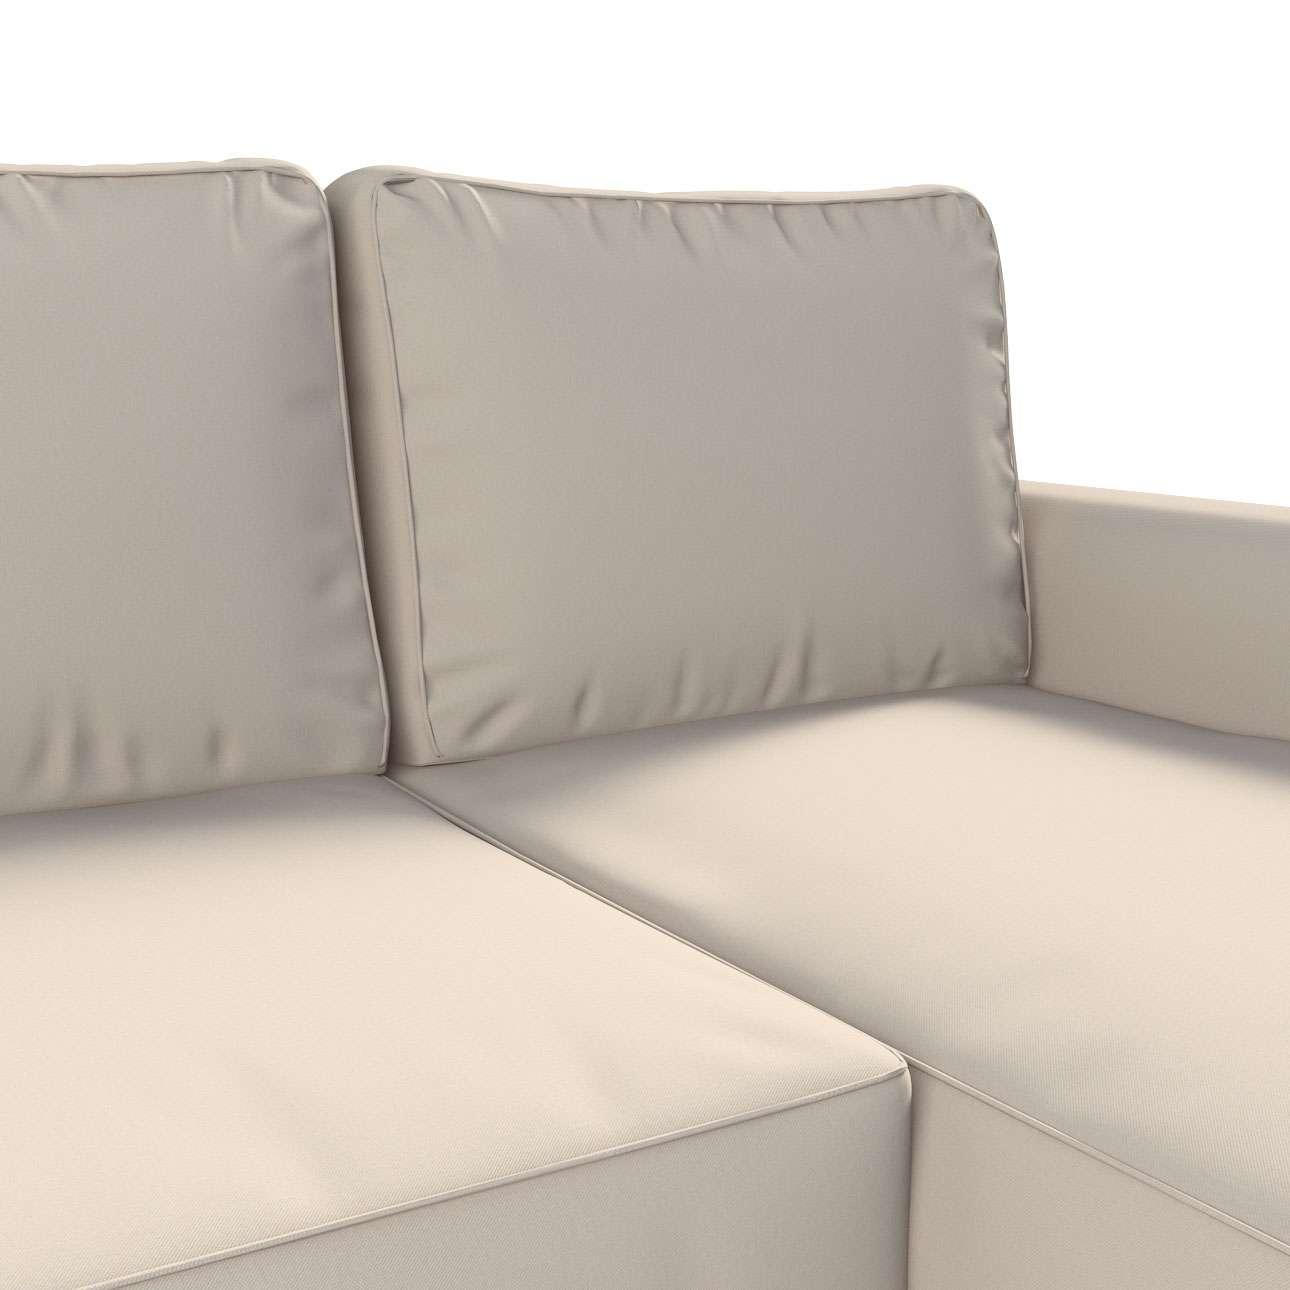 Pokrowiec na sofę Backabro rozkładaną z leżanką w kolekcji Etna, tkanina: 705-01